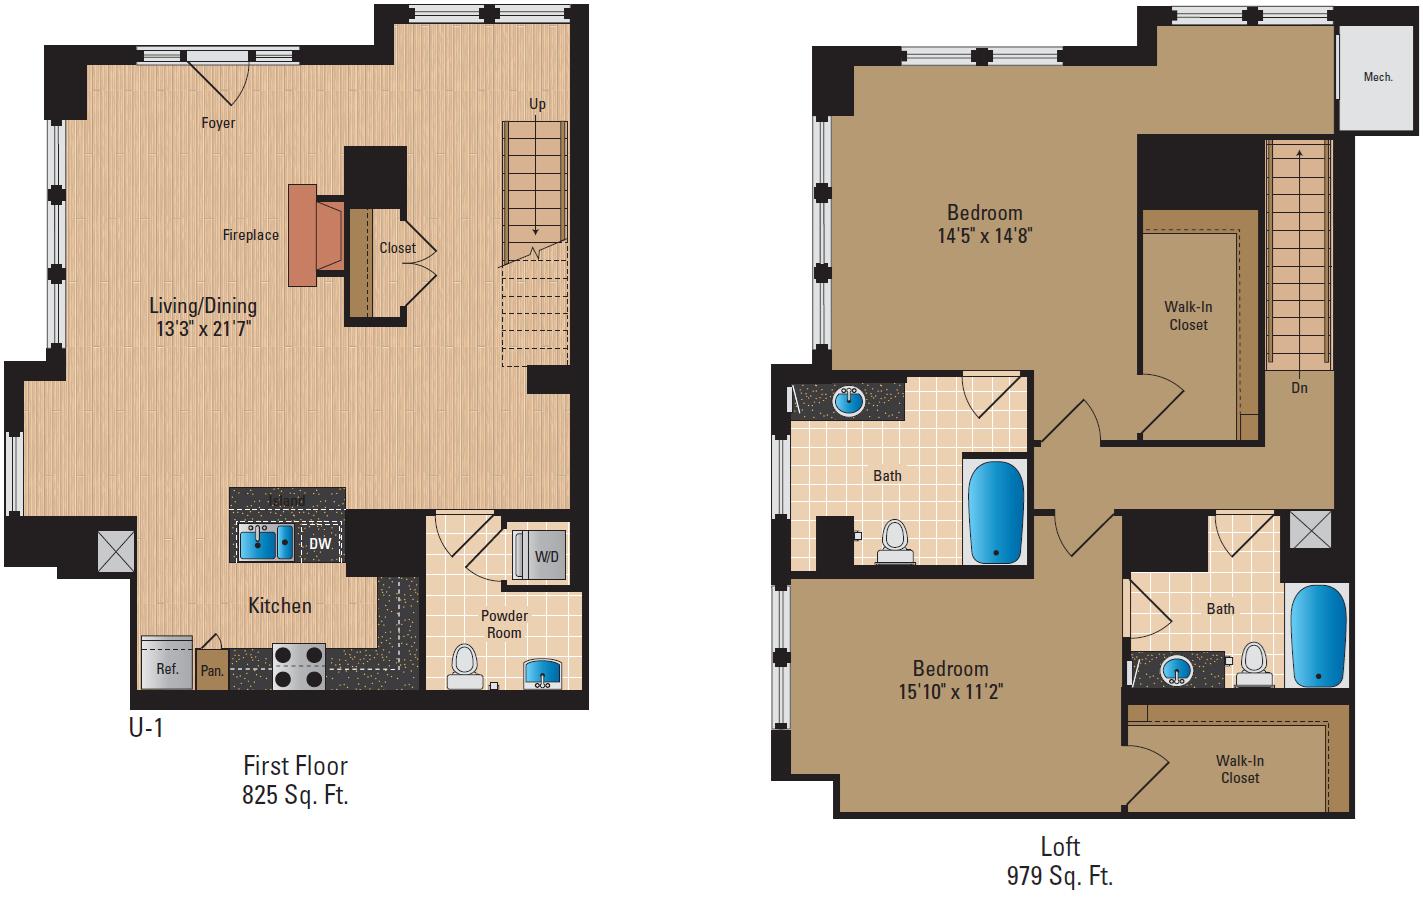 2 Bedroom Loft 2 Bath Floor Plan 6